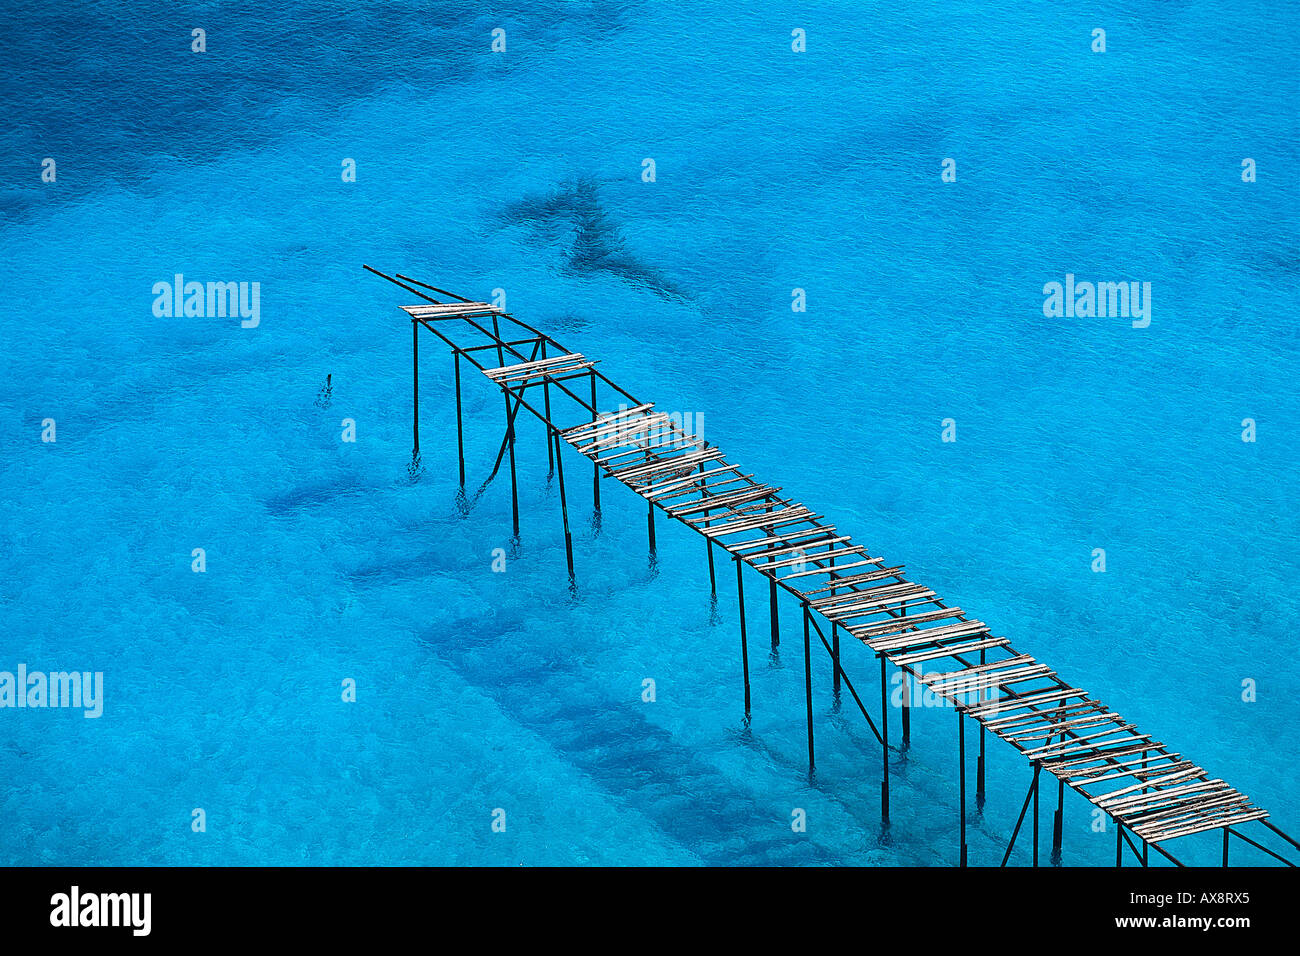 Rotto il pontile in legno vicino a Porticello, Isola di Lipari, Isole Eolie, Italia Foto Stock